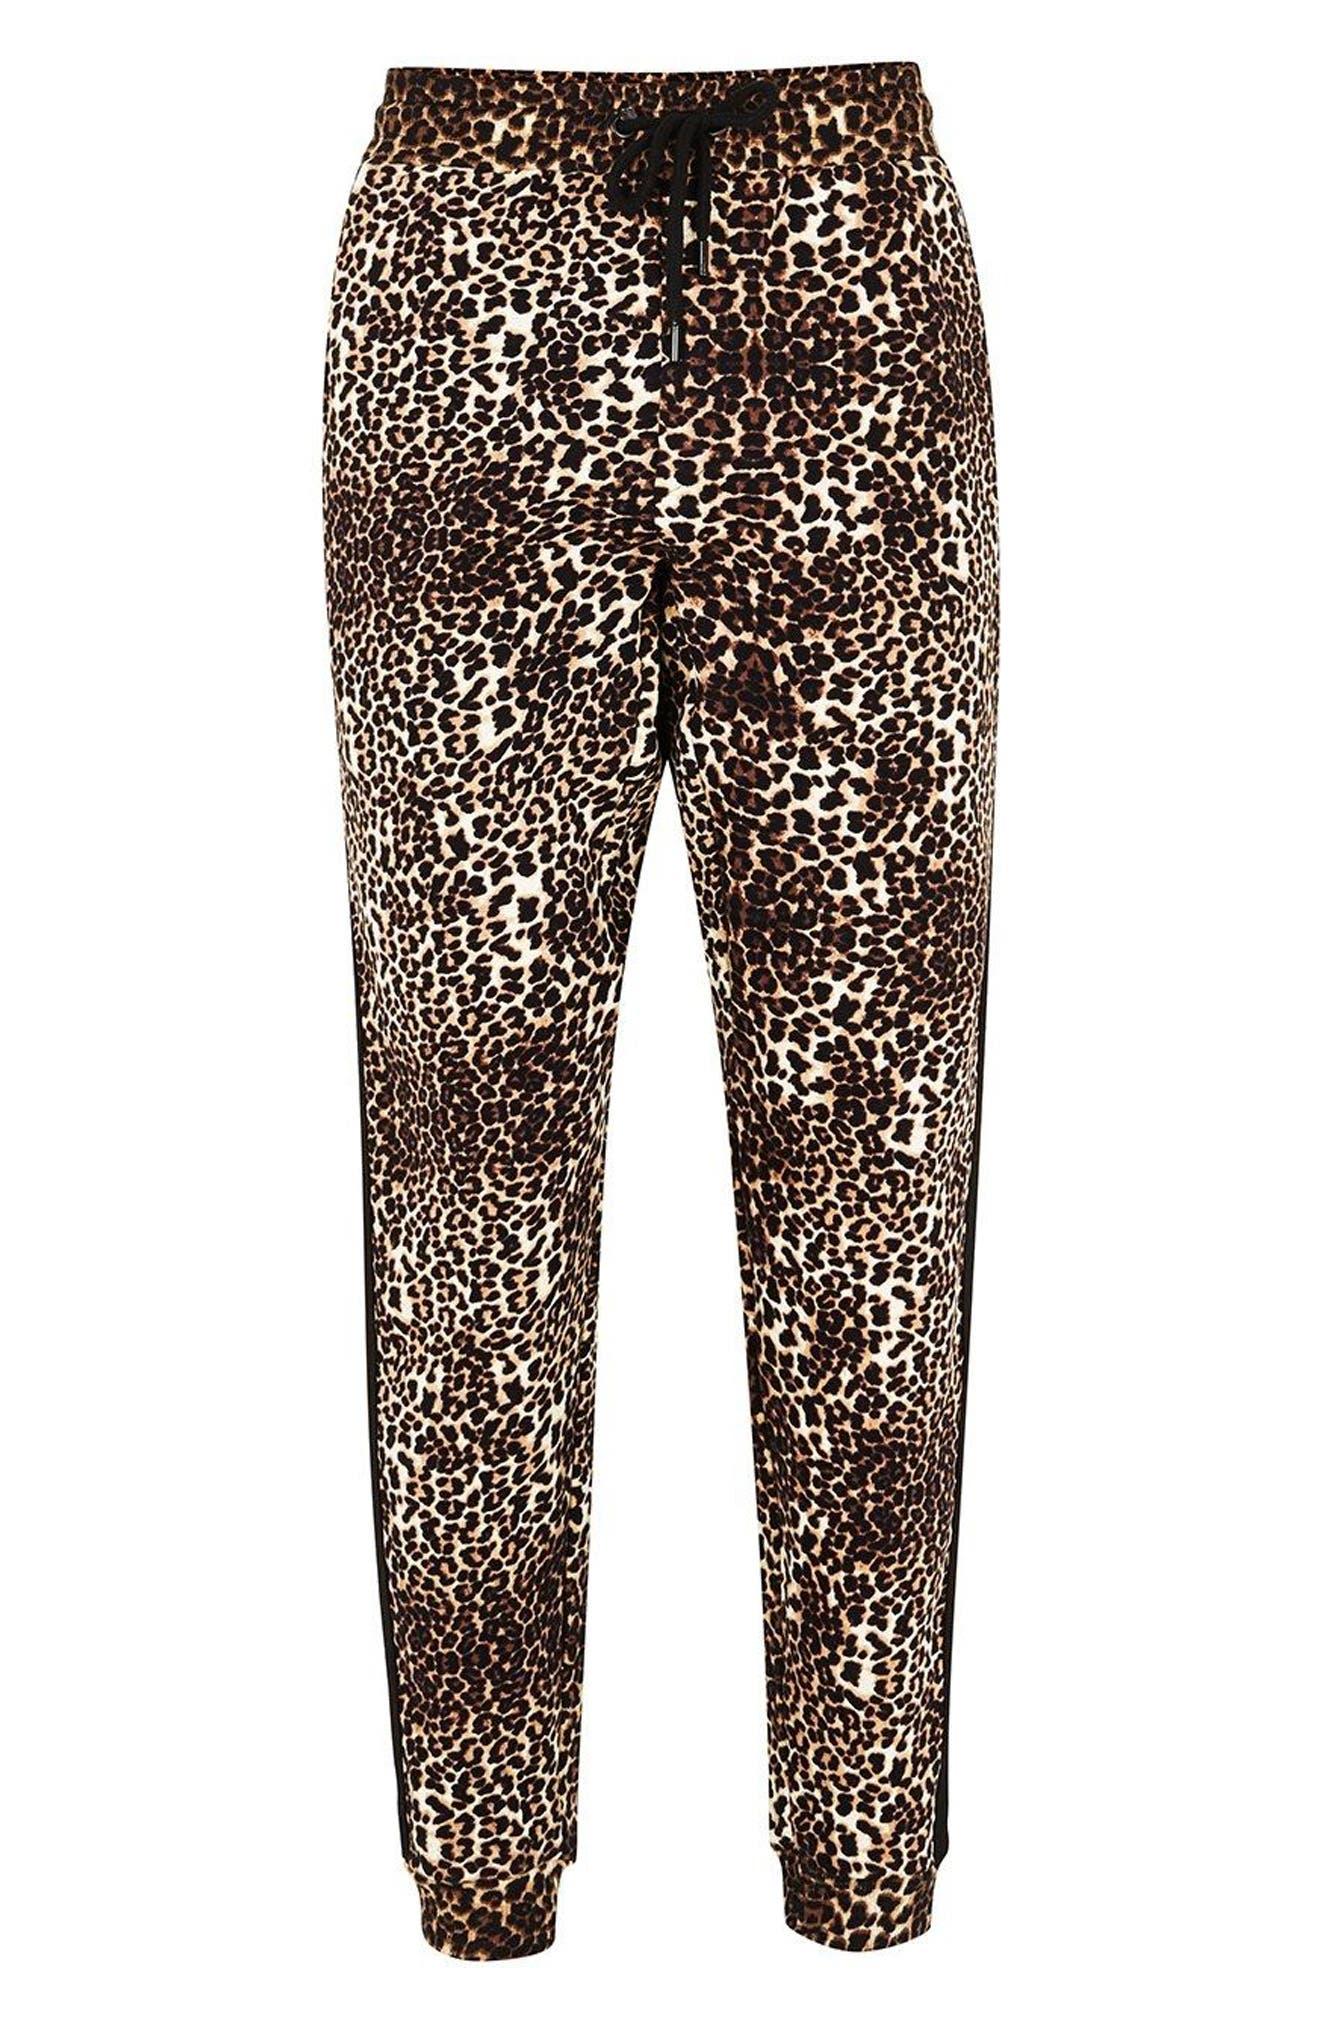 Leopard Print Tape Jogger Pants,                             Alternate thumbnail 3, color,                             200